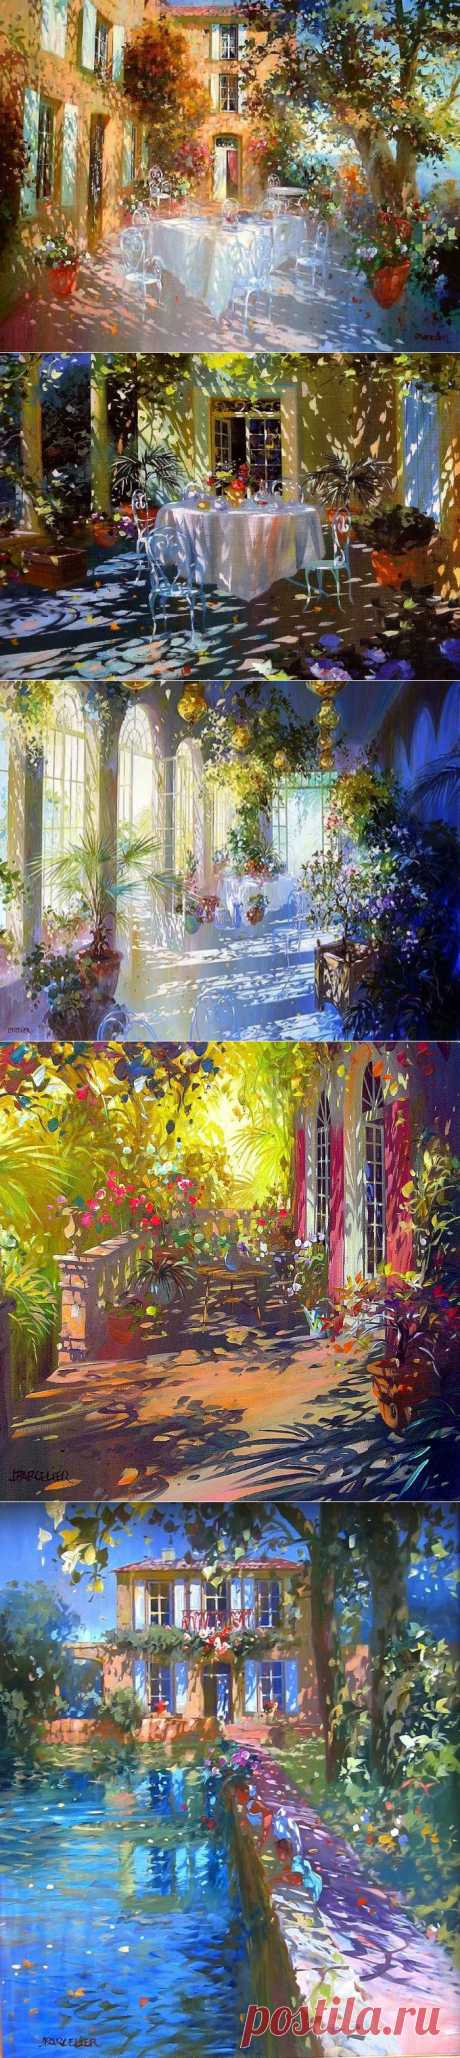 Французский художник Laurent Parcelier. Картины, написанные солнечными зайчиками..